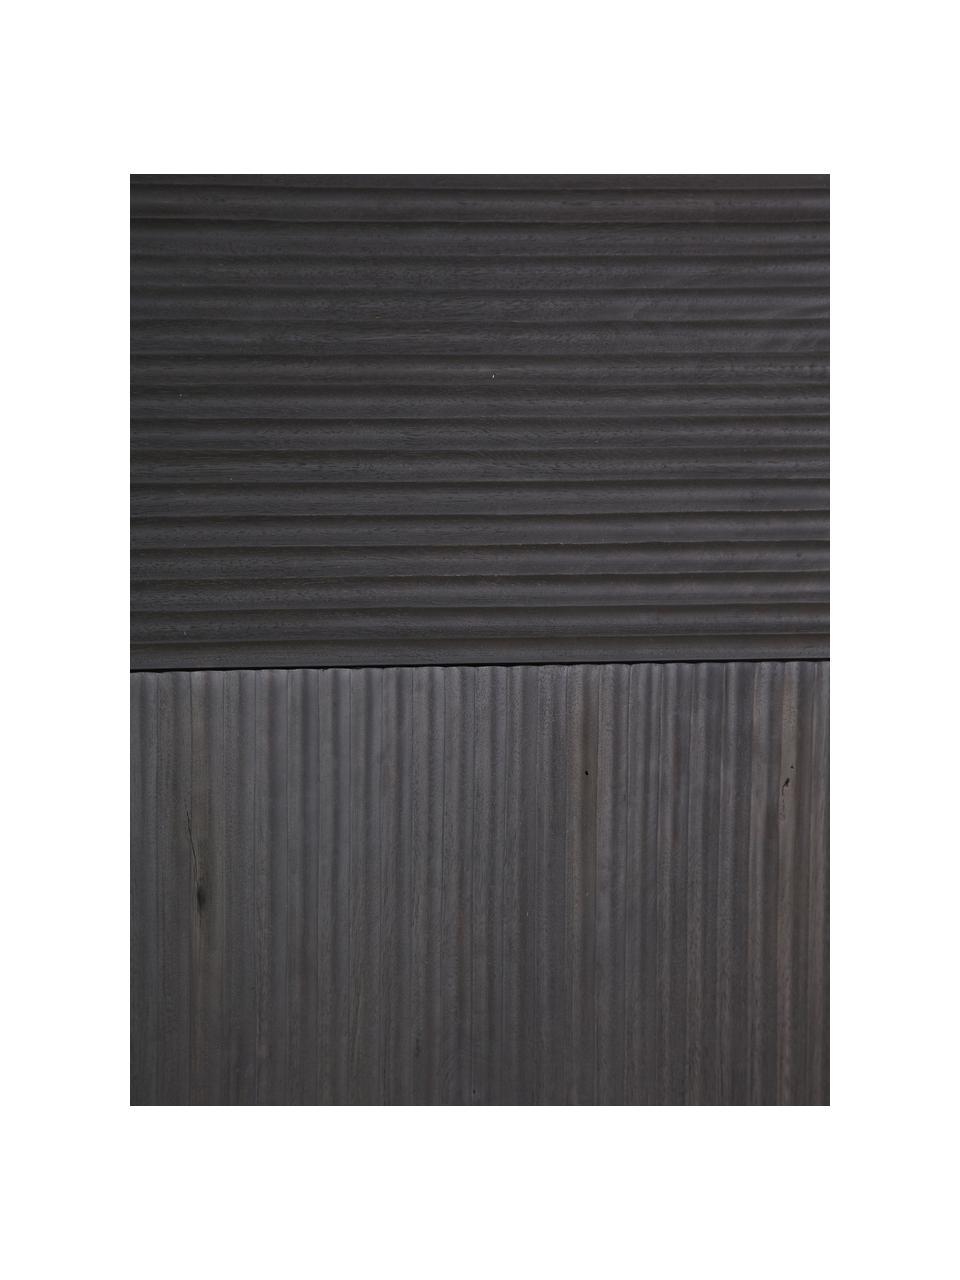 Skriňa z akáciového dreva s drážkovou prednou stranou Mamba, Čierna